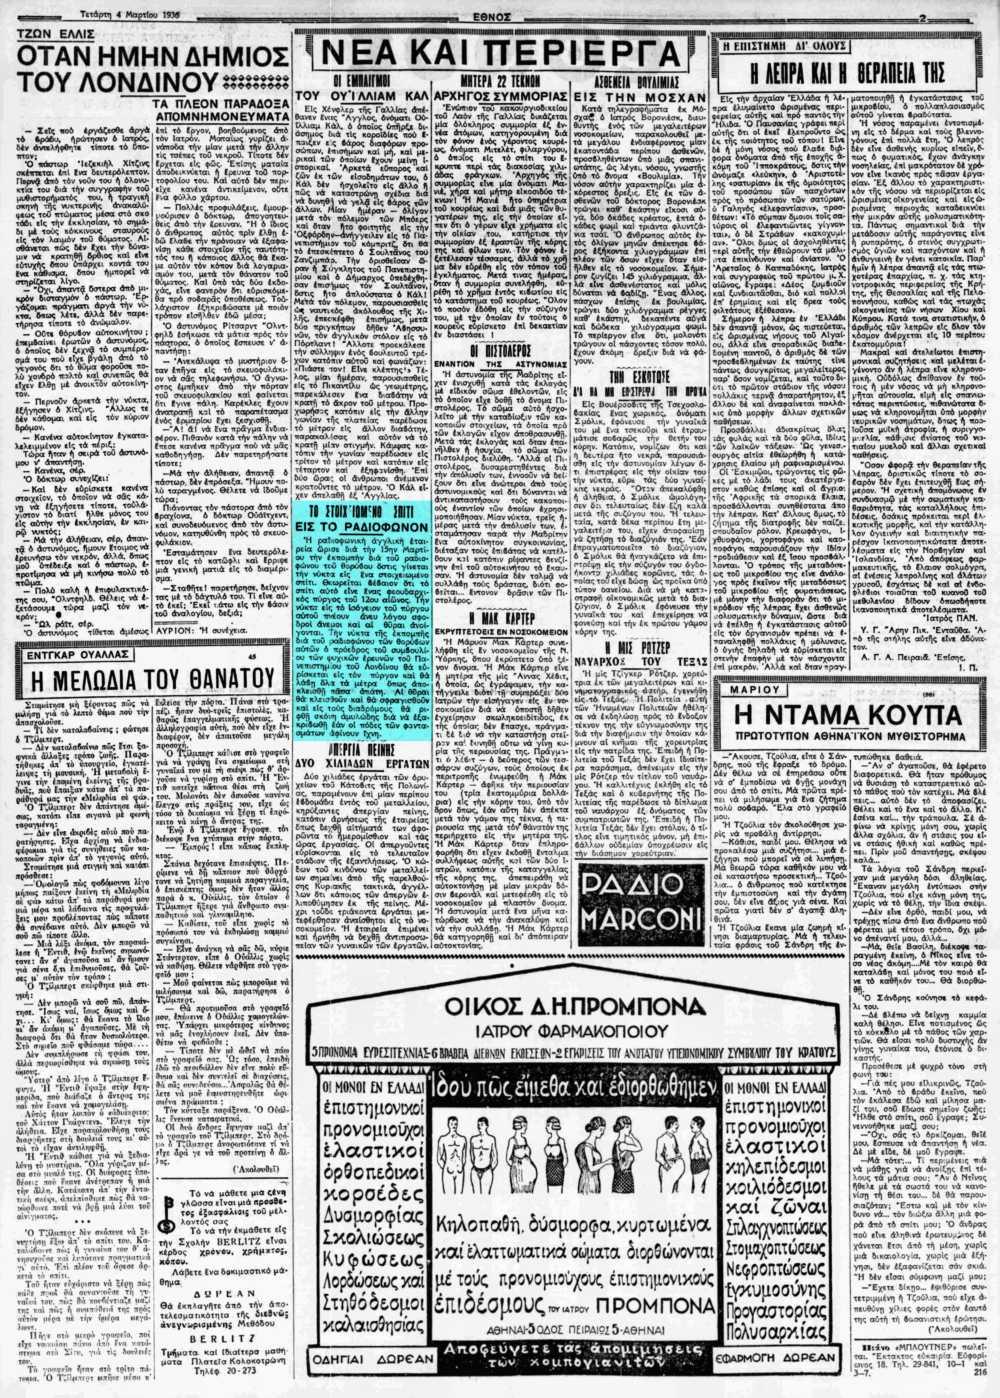 """Το άρθρο, όπως δημοσιεύθηκε στην εφημερίδα """"ΕΘΝΟΣ"""", στις 04/03/1936"""